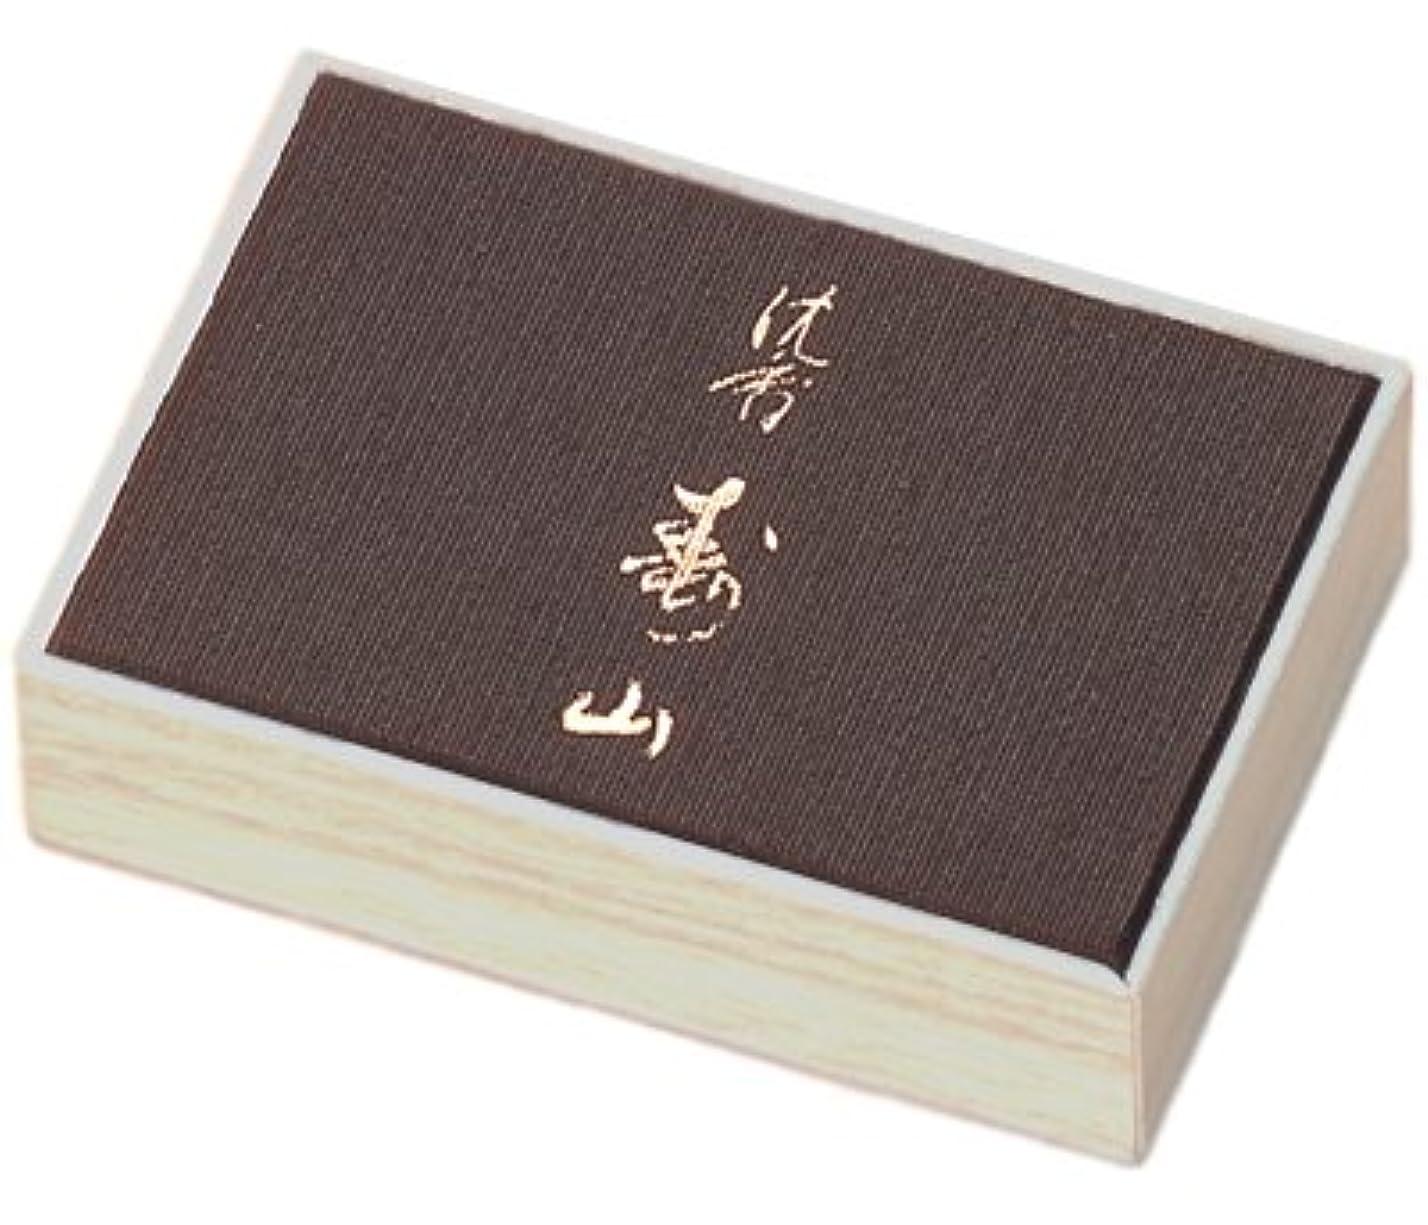 沈香寿山 お香150本入